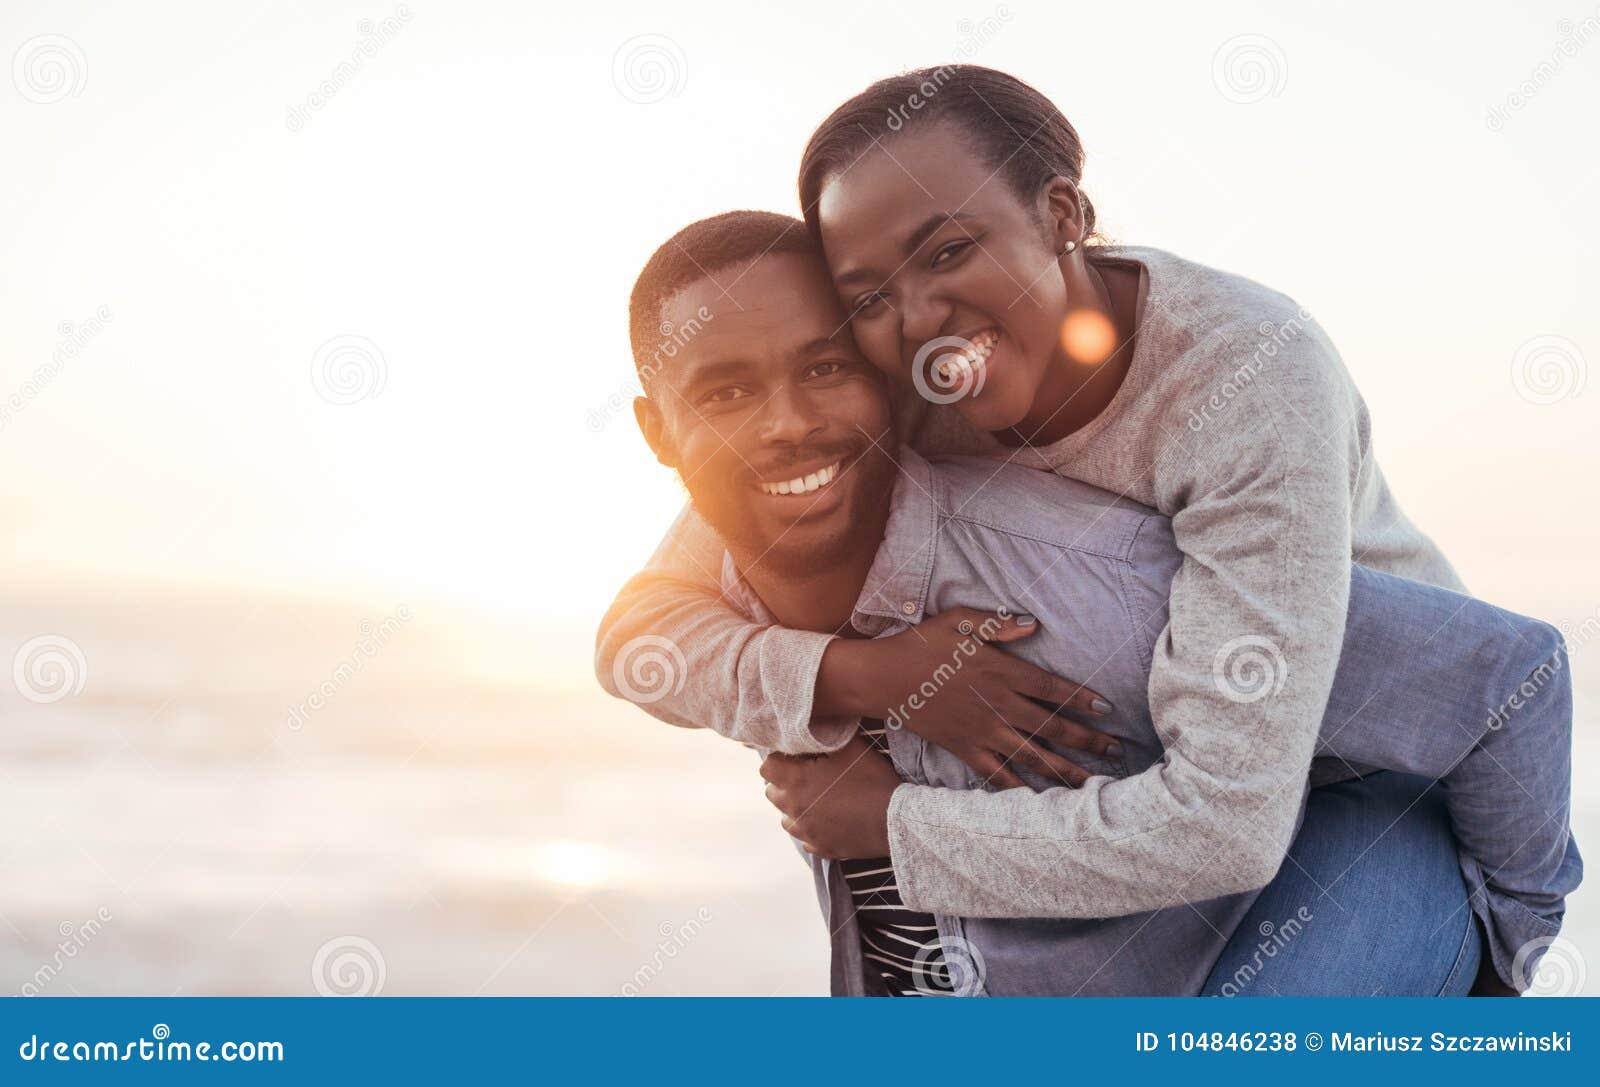 Lächelnde afrikanische Paare, die einen sorglosen Tag am Strand genießen